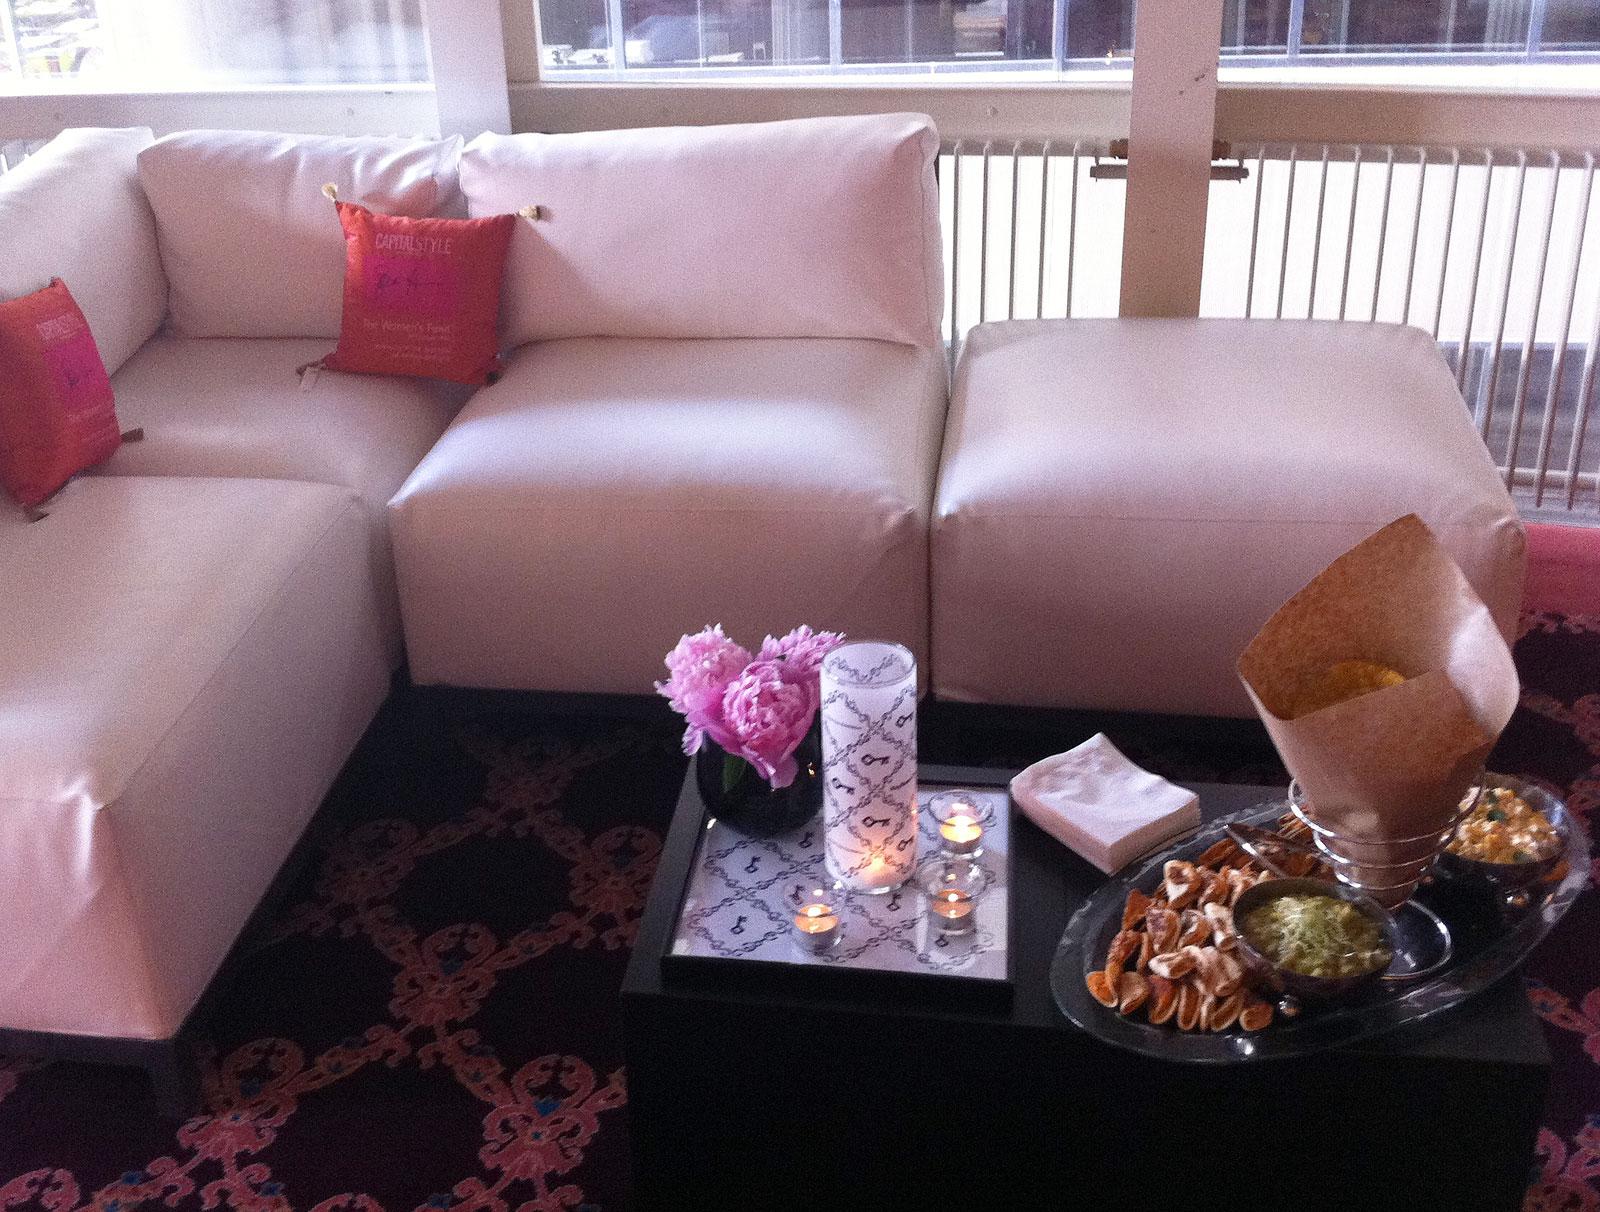 http://3.bp.blogspot.com/-idwkyjf9JWI/TdZ_7iNO7AI/AAAAAAAAAfk/ElV1bmDUR3U/s1600/seating_web.jpg